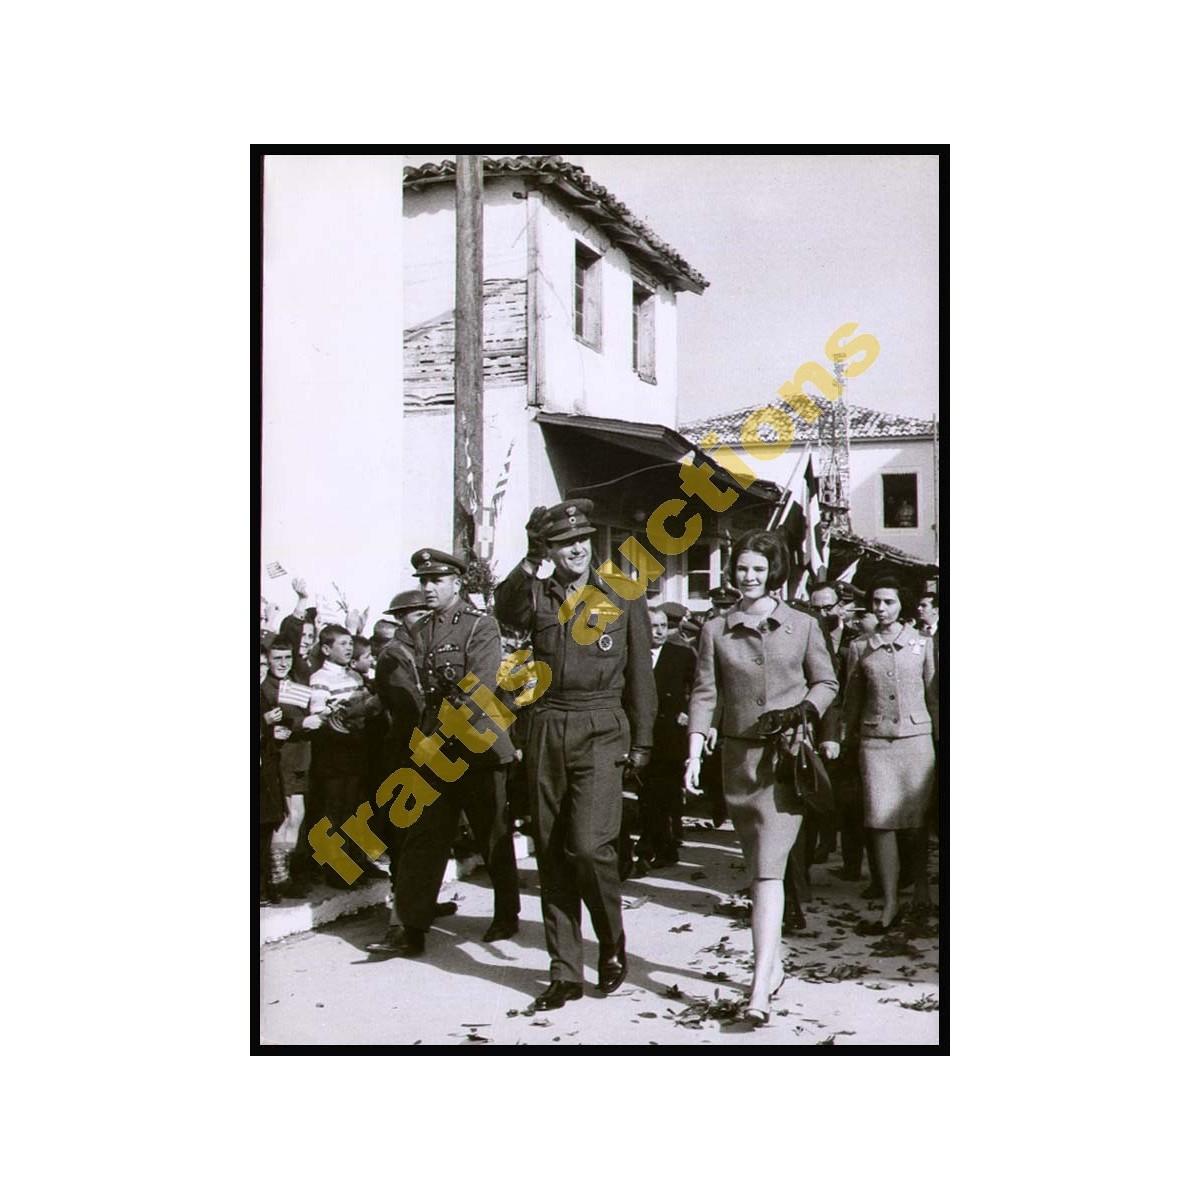 7 Φωτογραφίες της Βασιλικού ζεύγους της Ελλάδας σε εκδηλώσεις στην επαρχία.